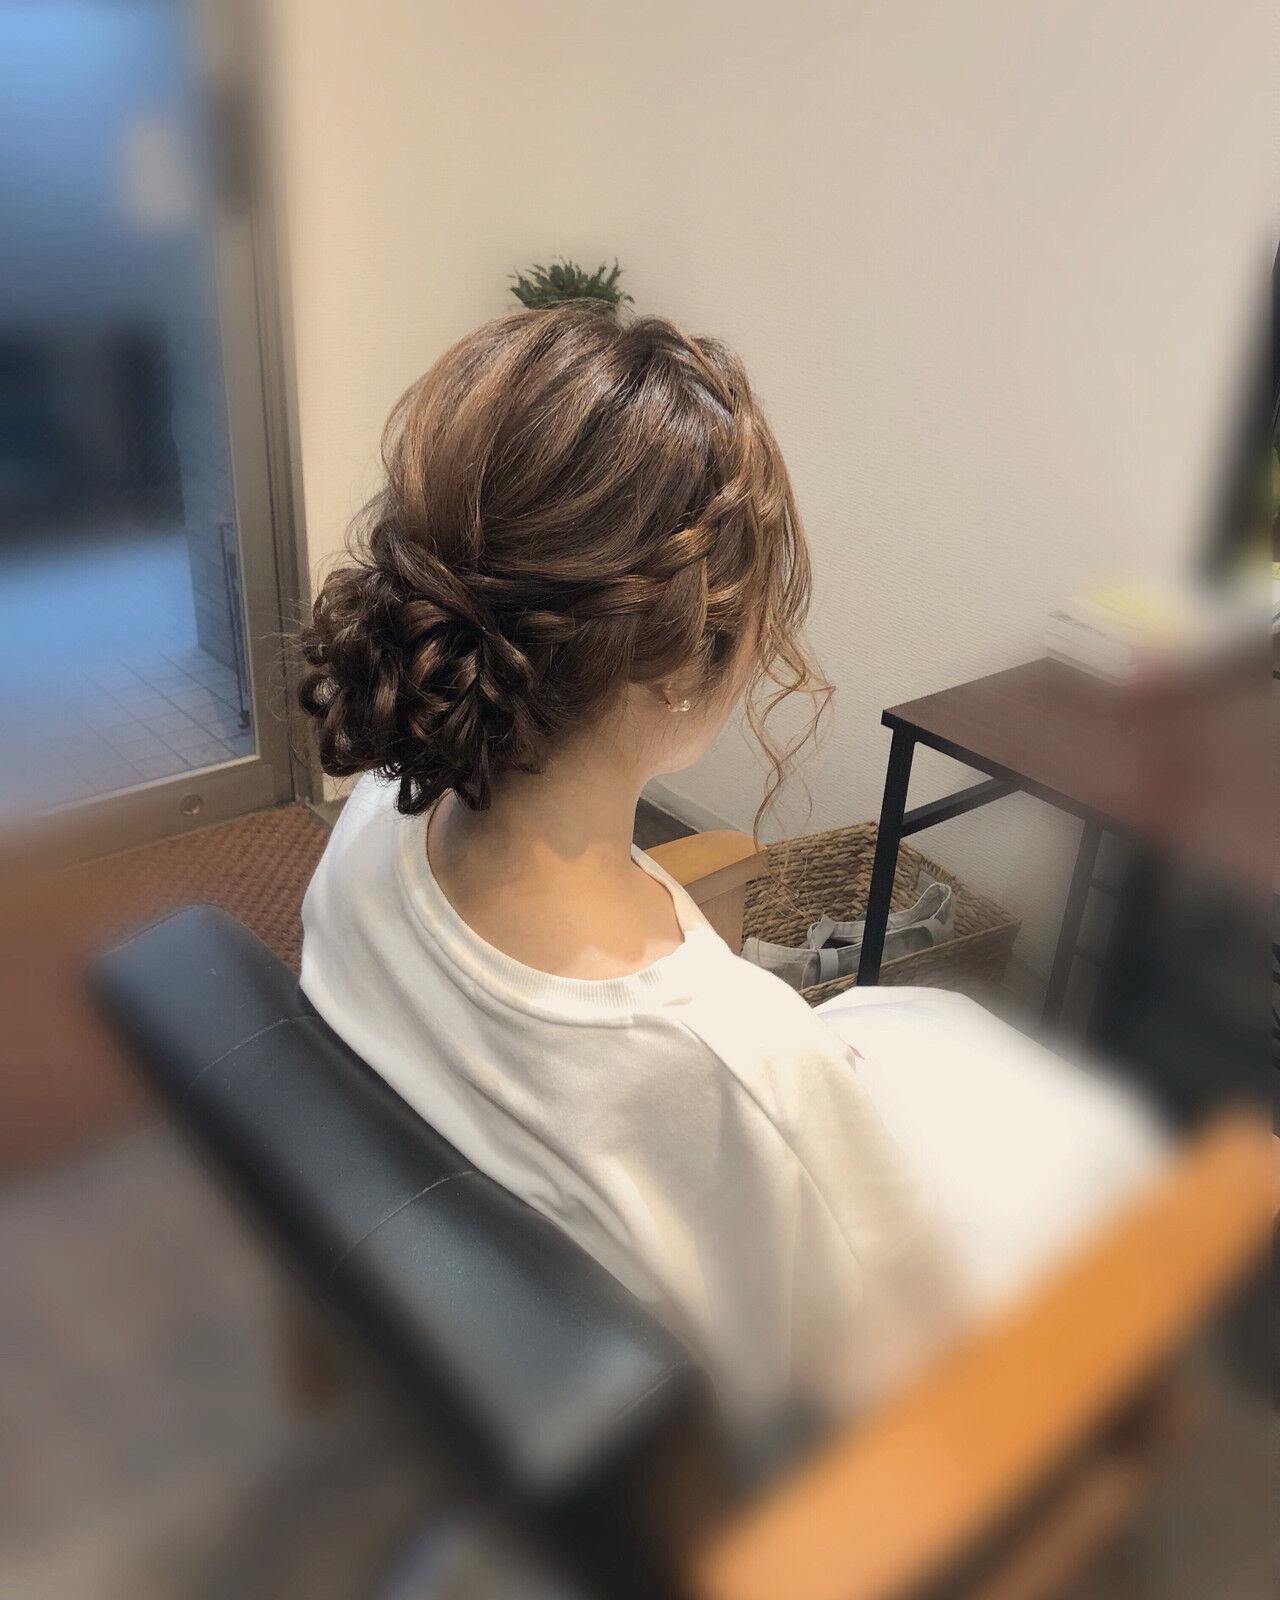 ロング 浴衣ヘア アップスタイル フェミニンヘアスタイルや髪型の写真・画像